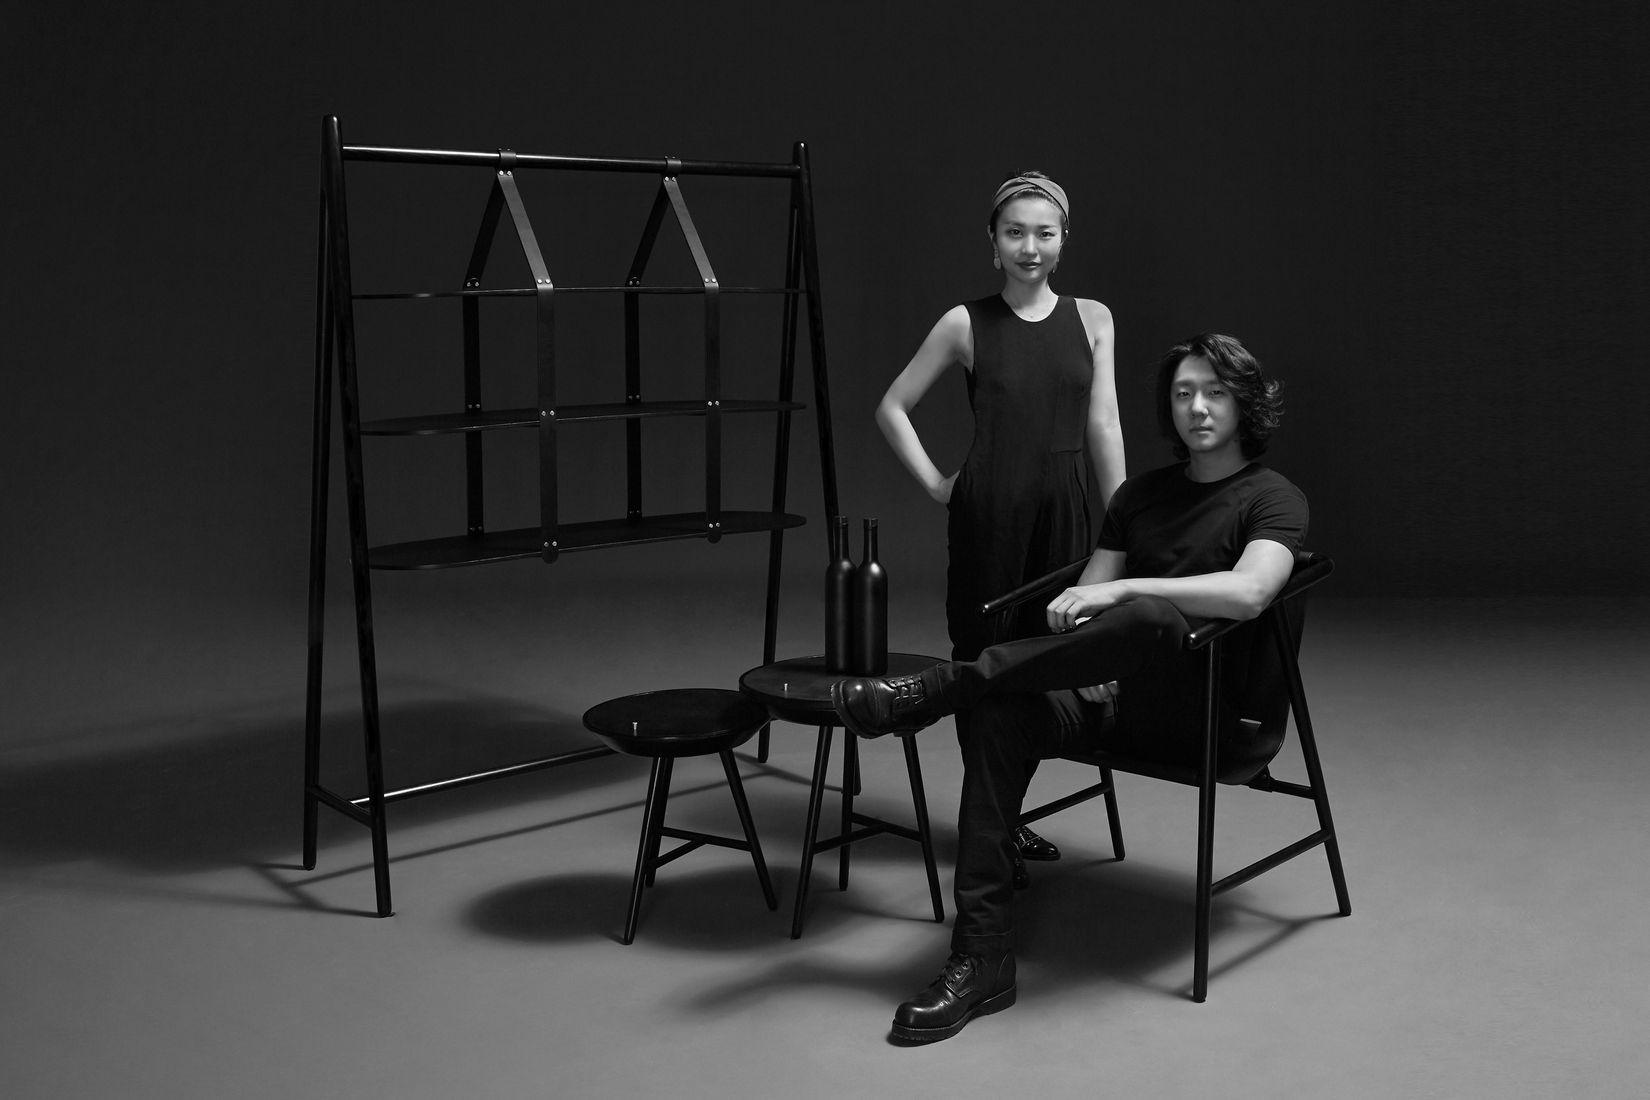 Sheng Yin & Kai Yi's 'Black Dream' Breathes Life into Furniture